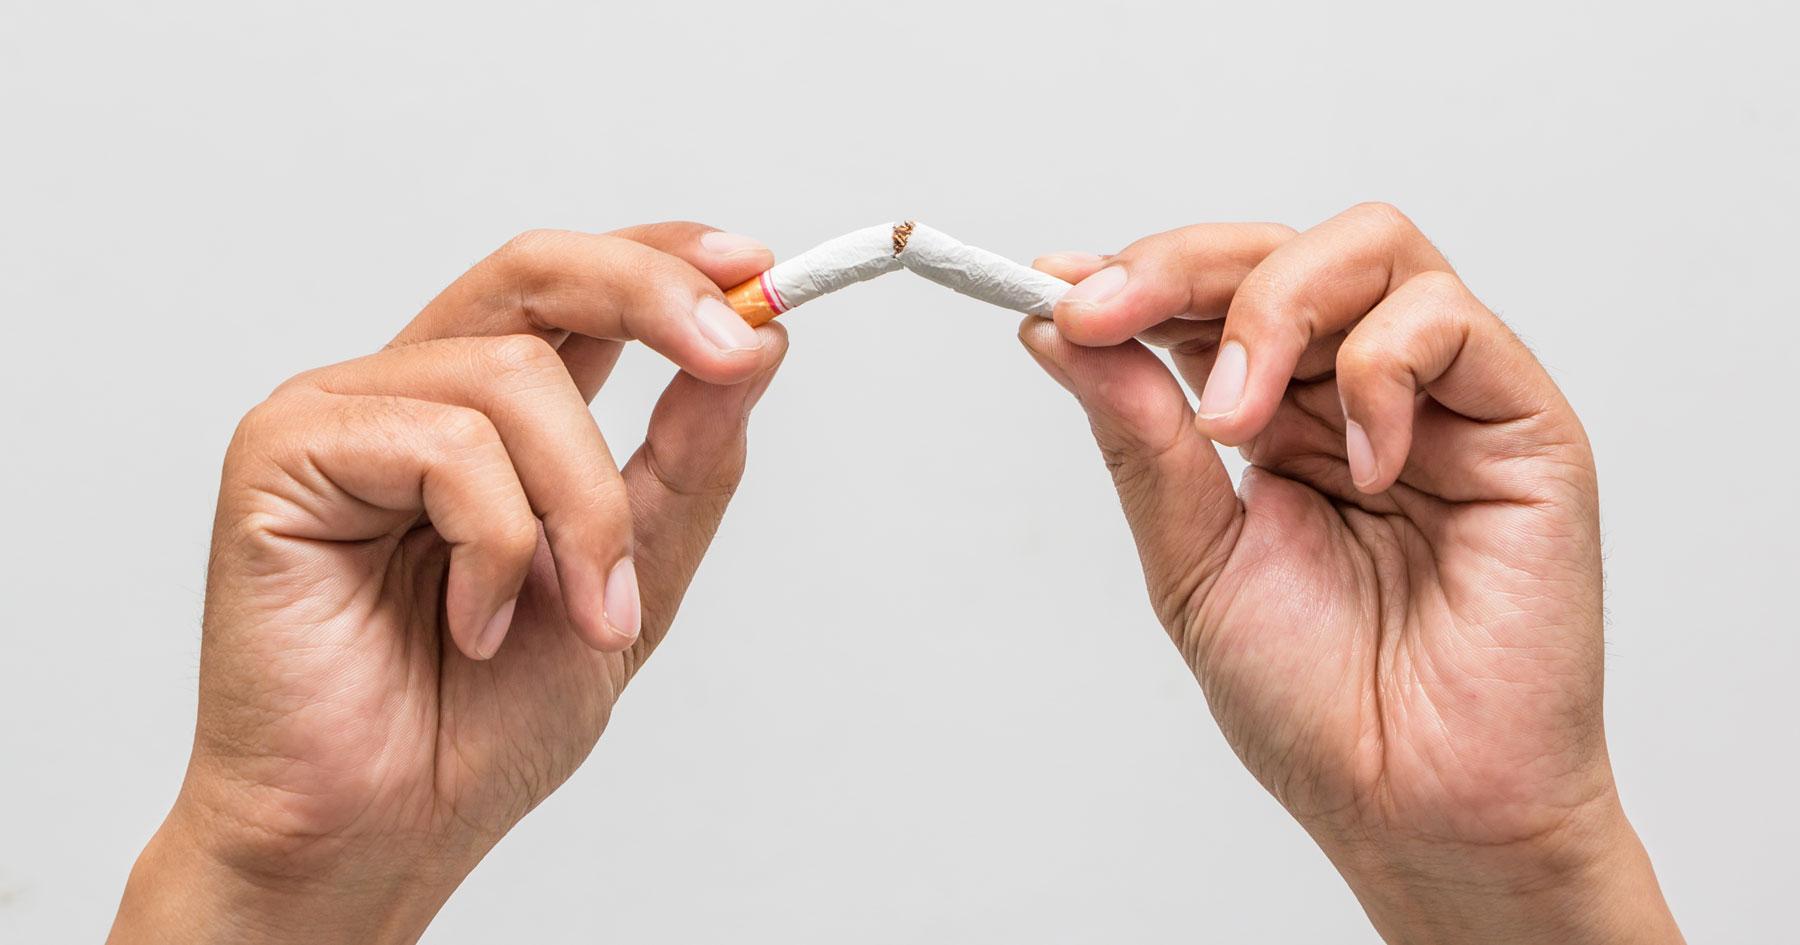 Ученые предложили альтернативный способ решения проблемы потребления табака